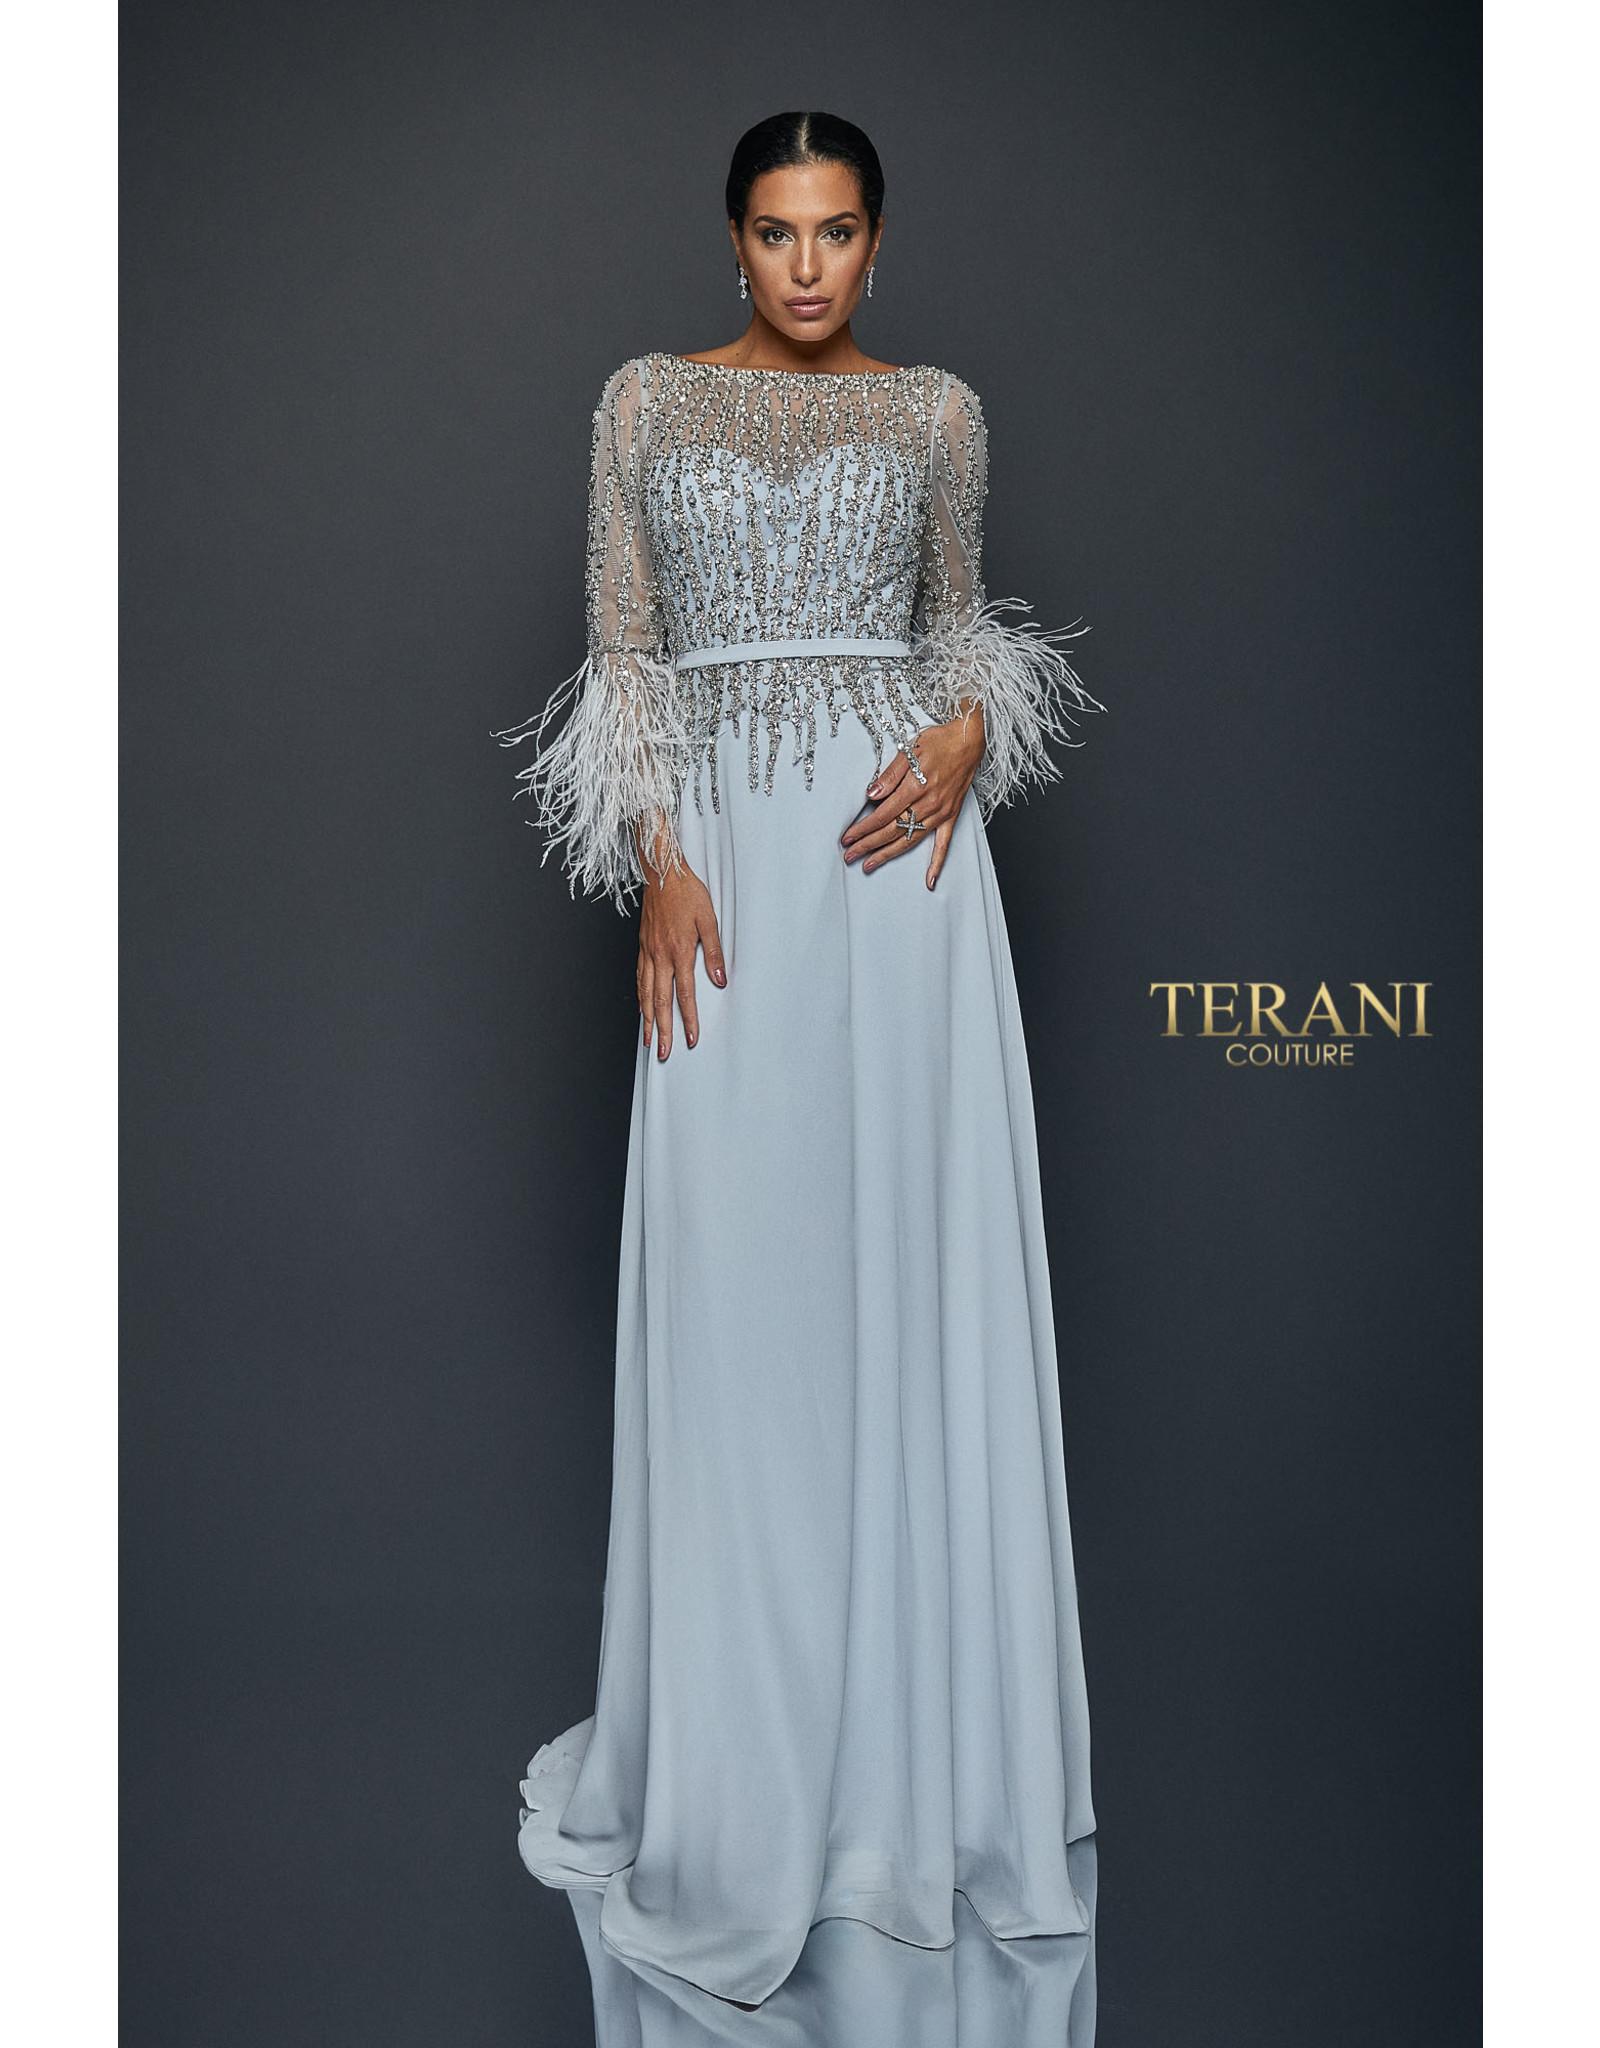 Terani 1921M0473 Terani Dresses